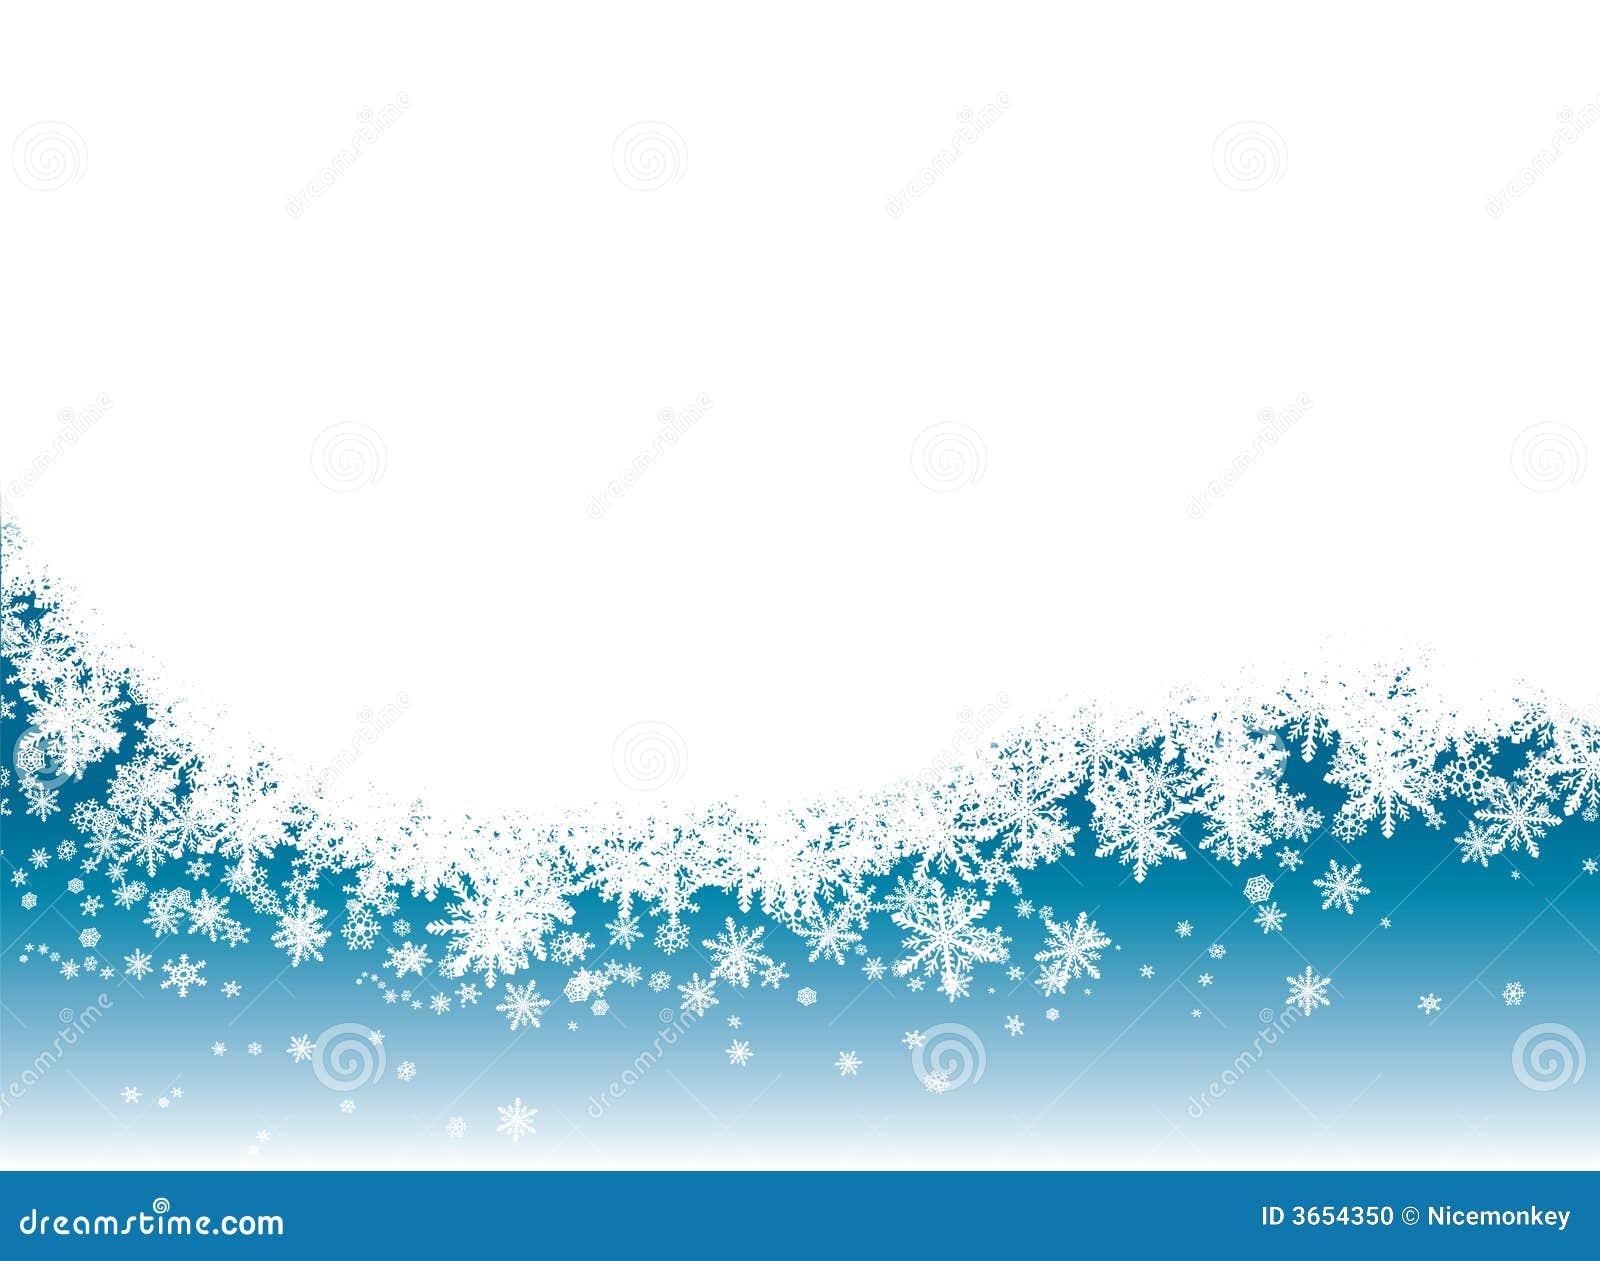 Snow reveal